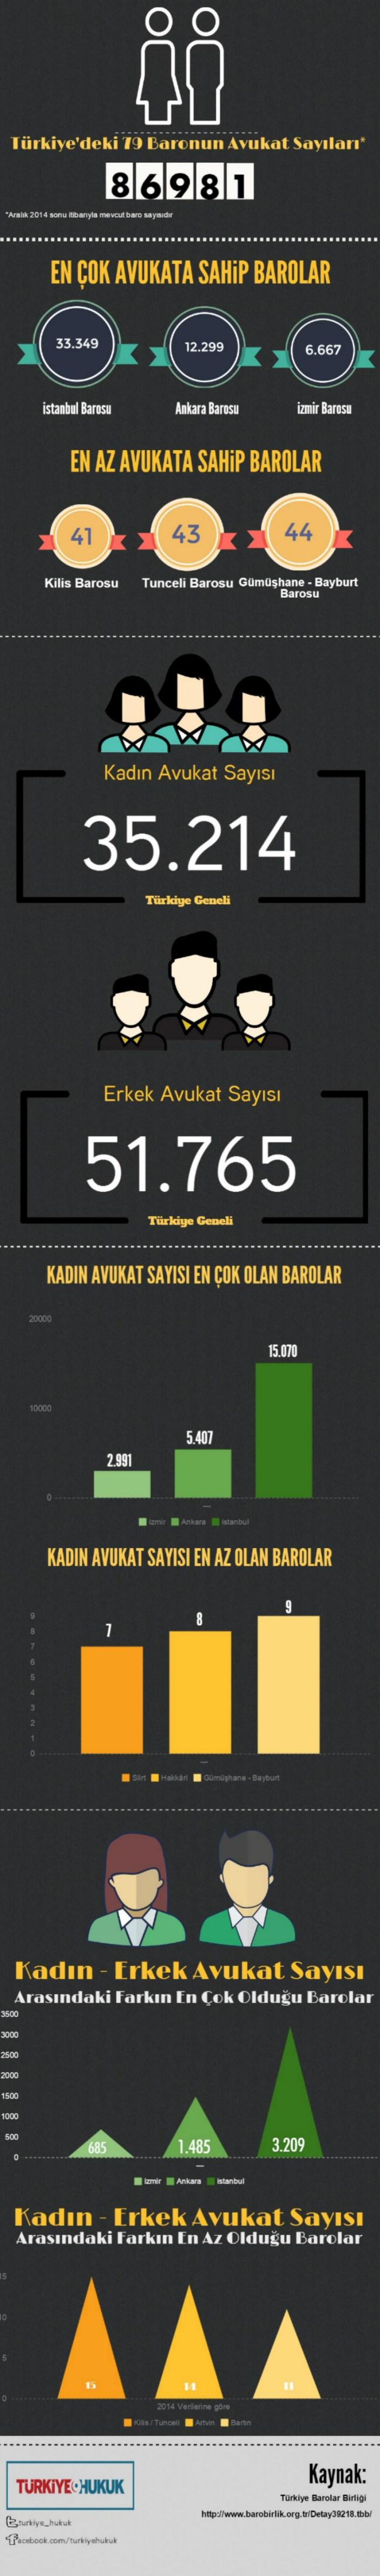 Baroların avukat sayıları ve kadın erkek oranları